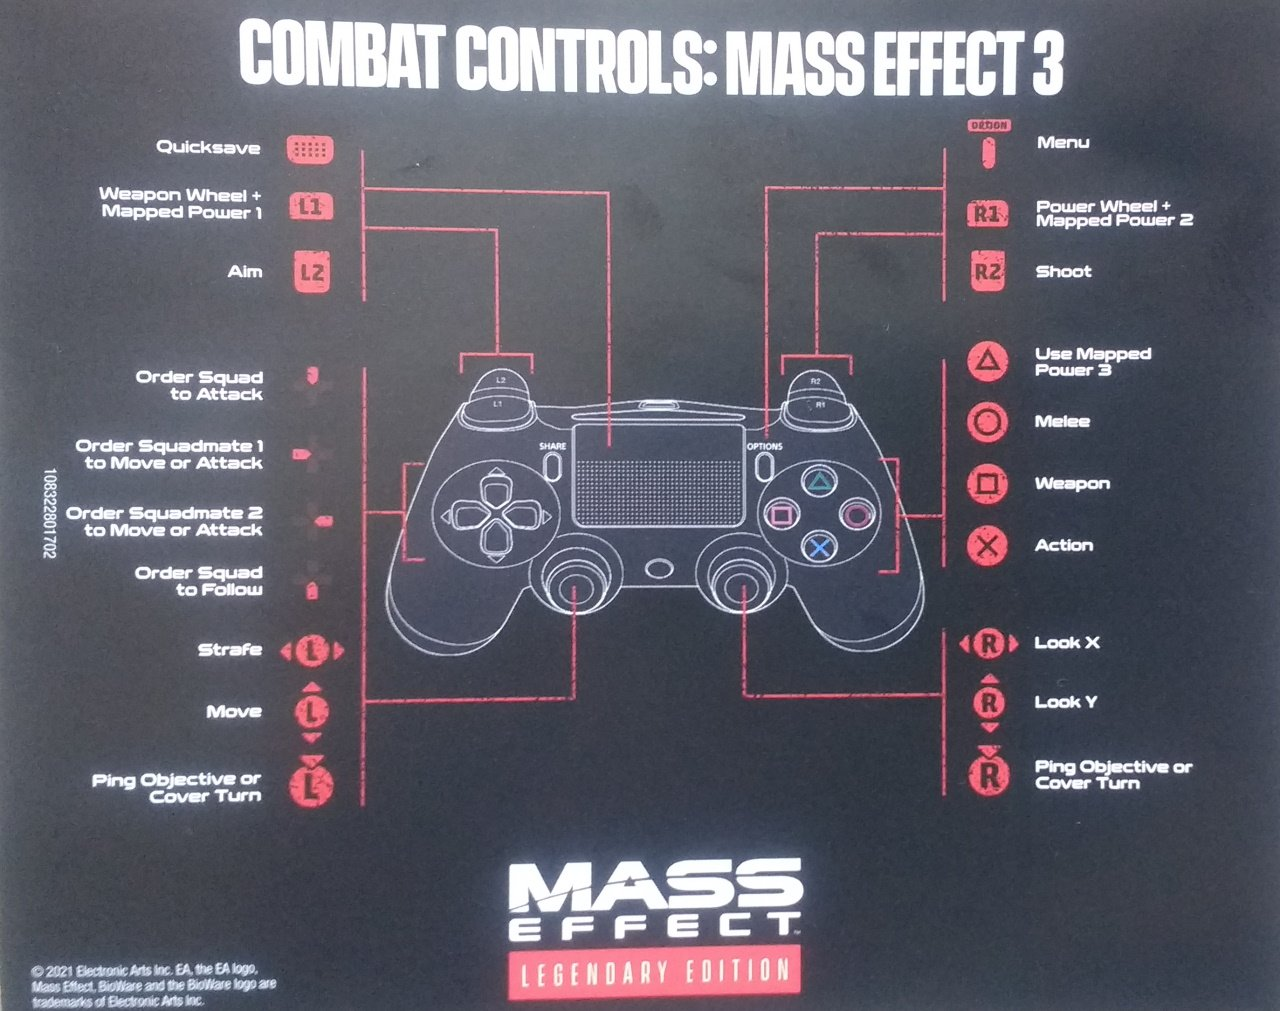 Mass Effect Legendary Edition Controls Mass Effect 3